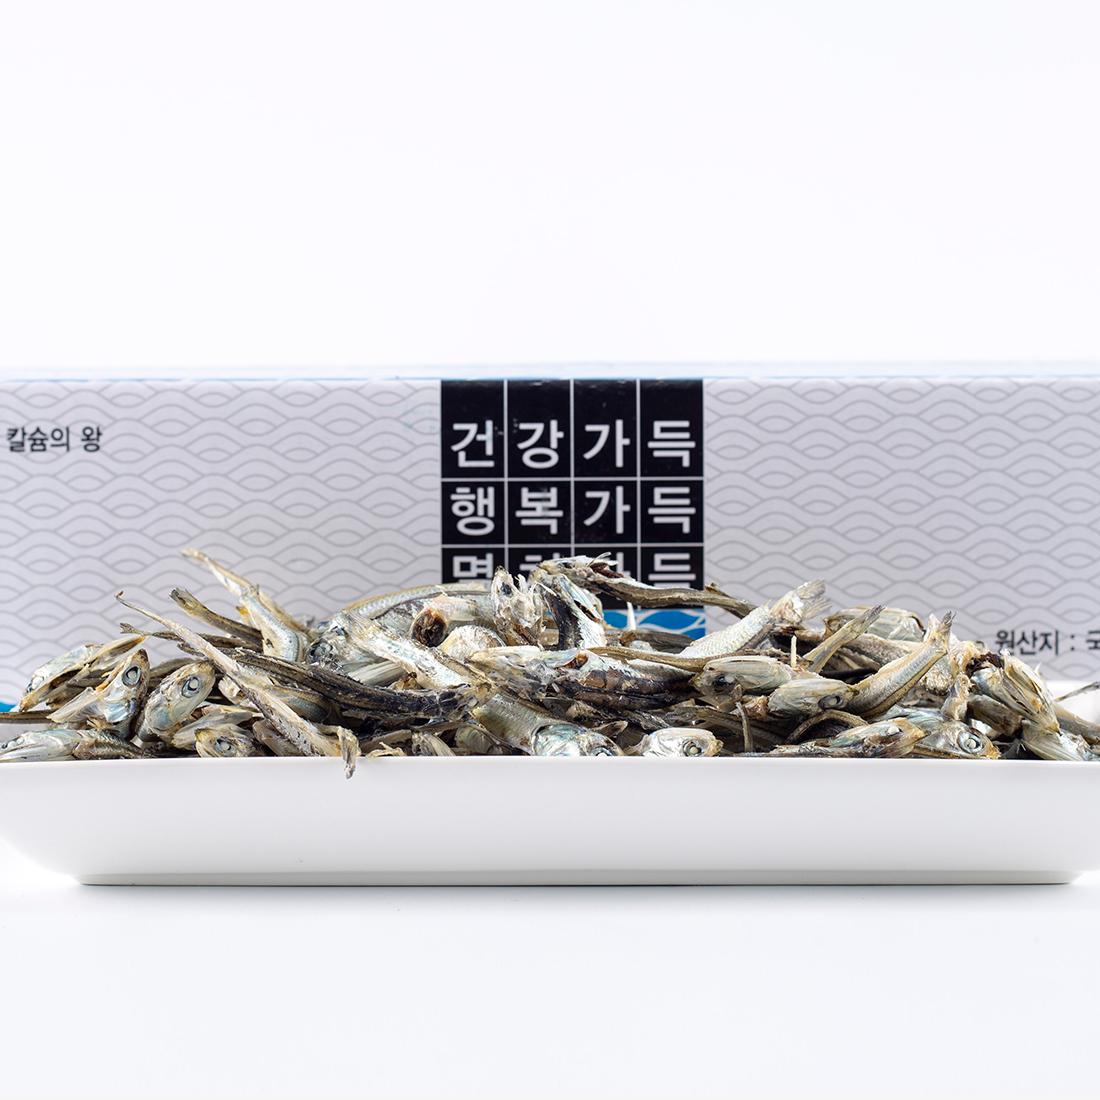 [경덕농수산] 바다로운 남해안 국물멸치 1.5kg